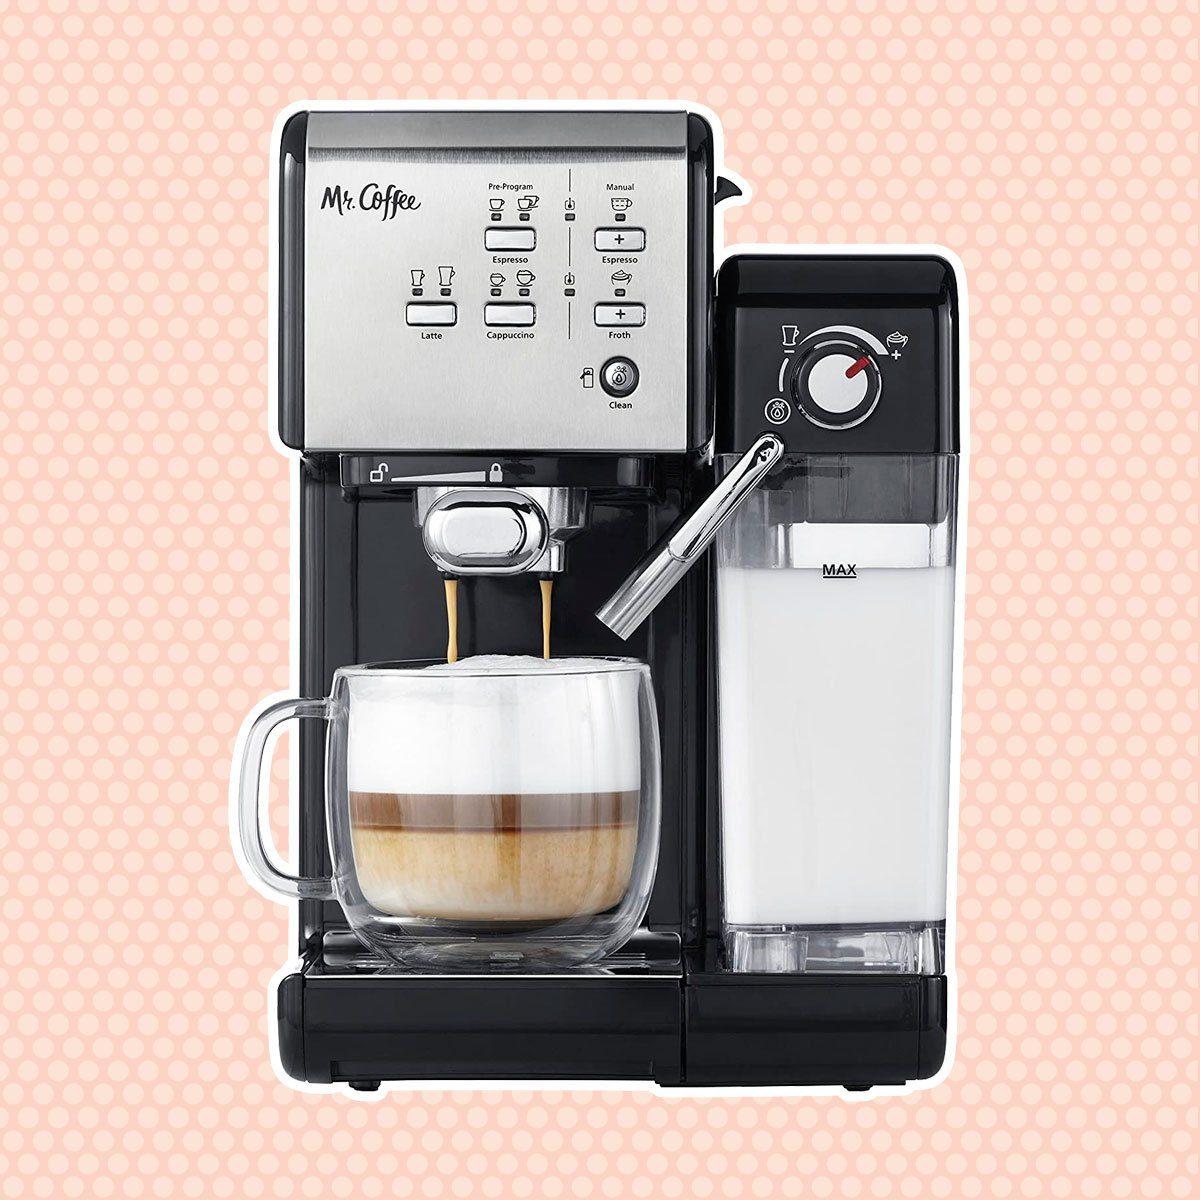 mr coffee espresso maker